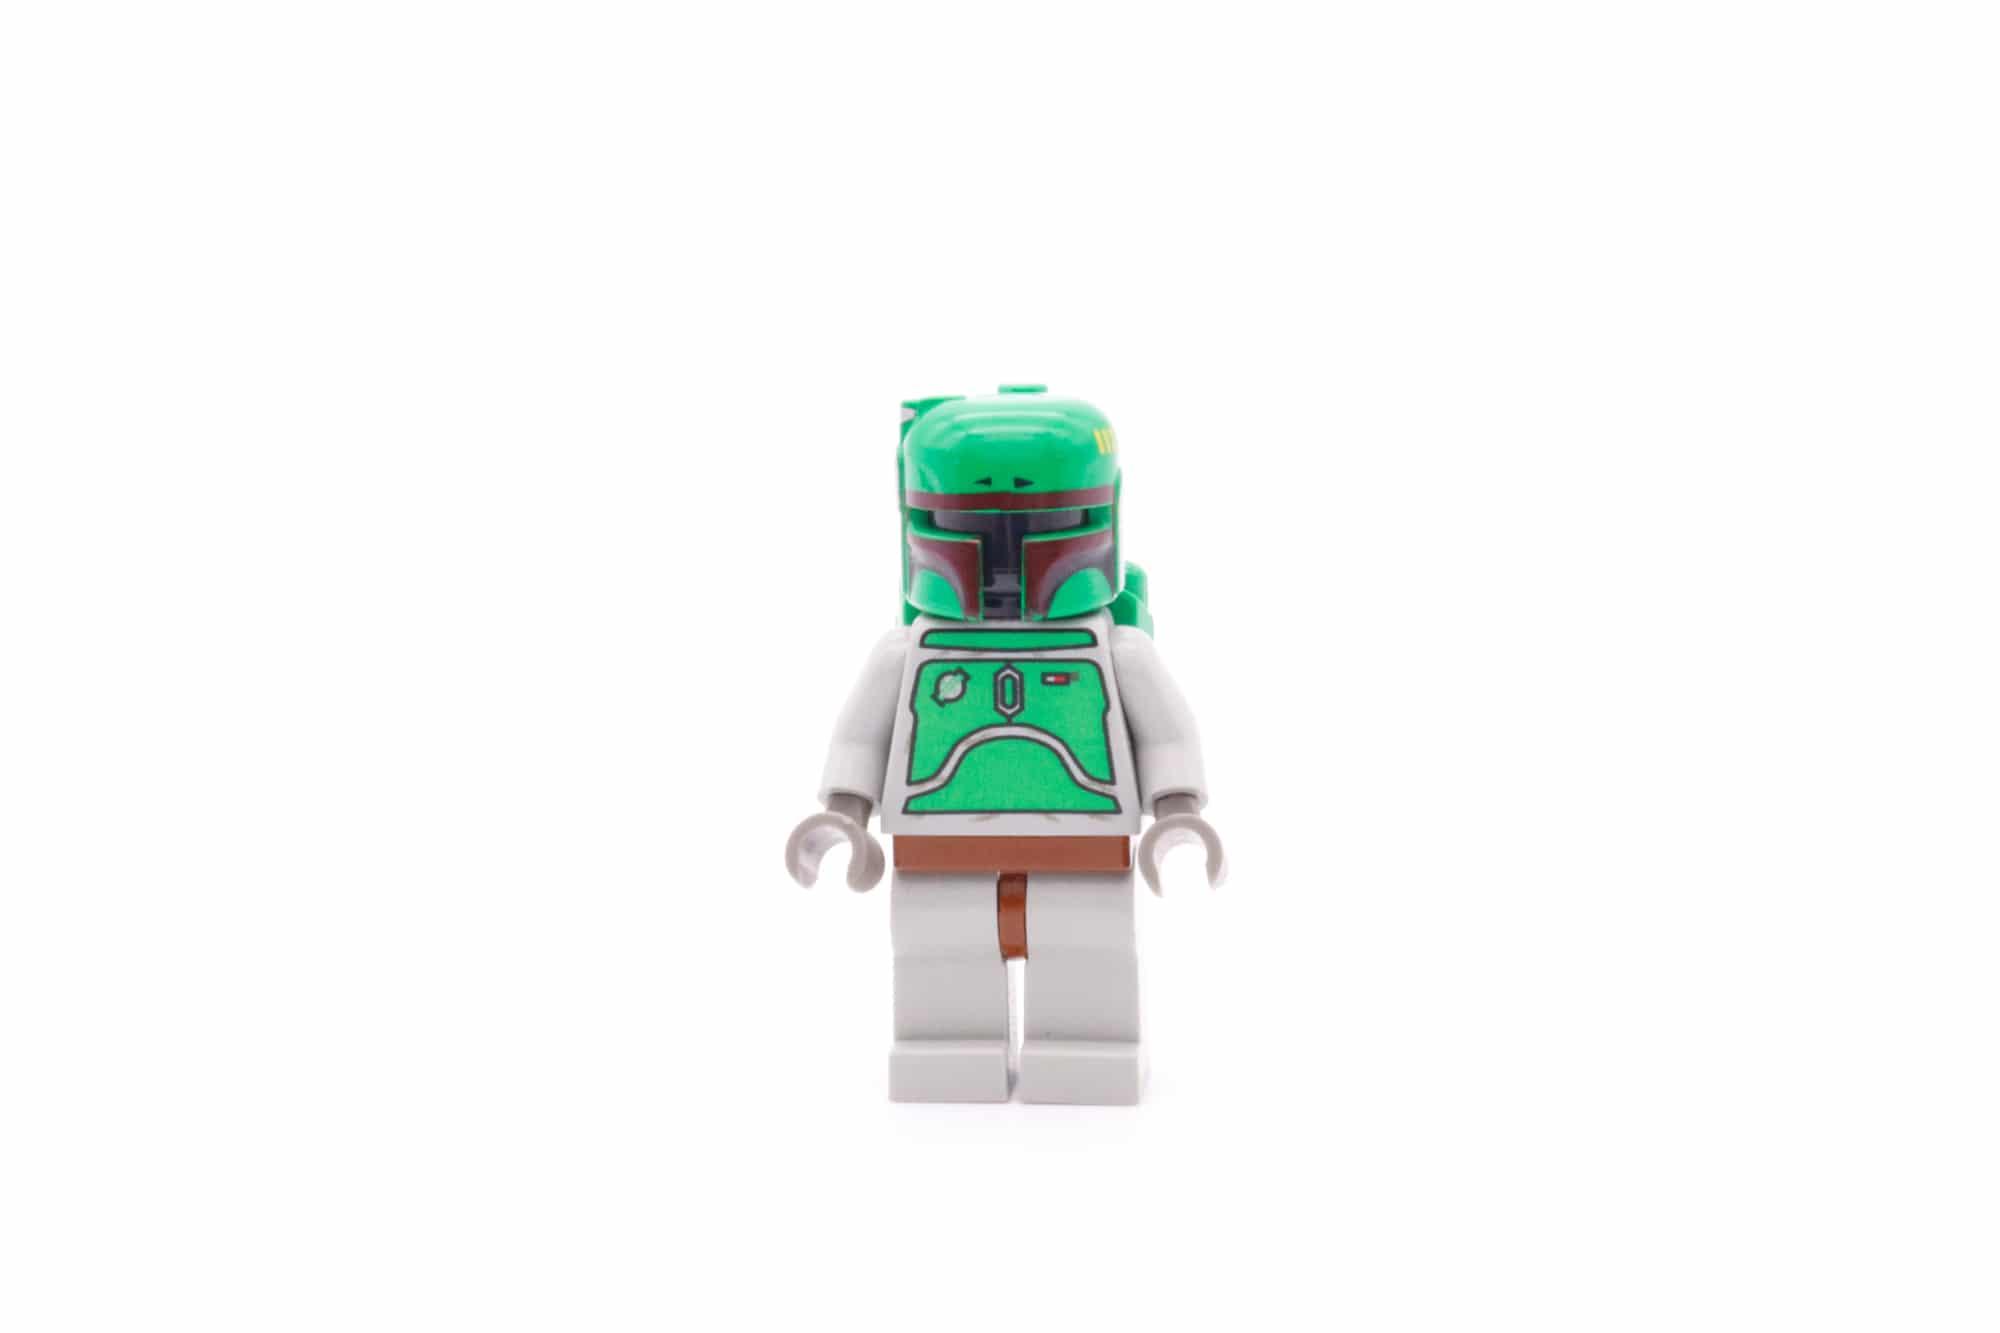 LEGO Star Wars 75312 Boba Fetts Starship 49